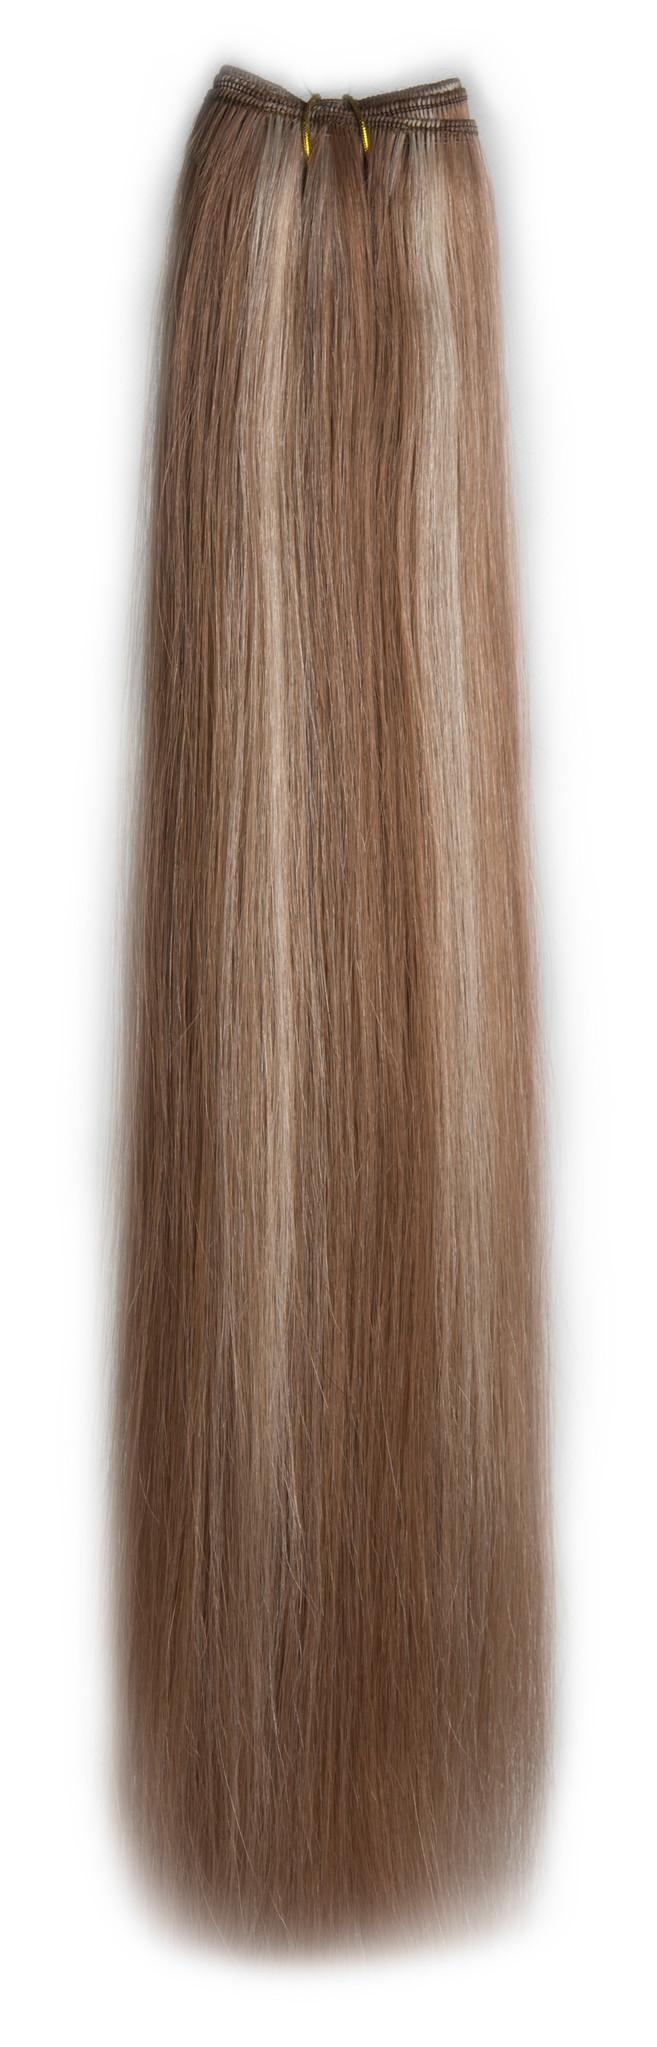 SilverFox Weave - #10/60 Dark Strawberry Brown/ White Blonde